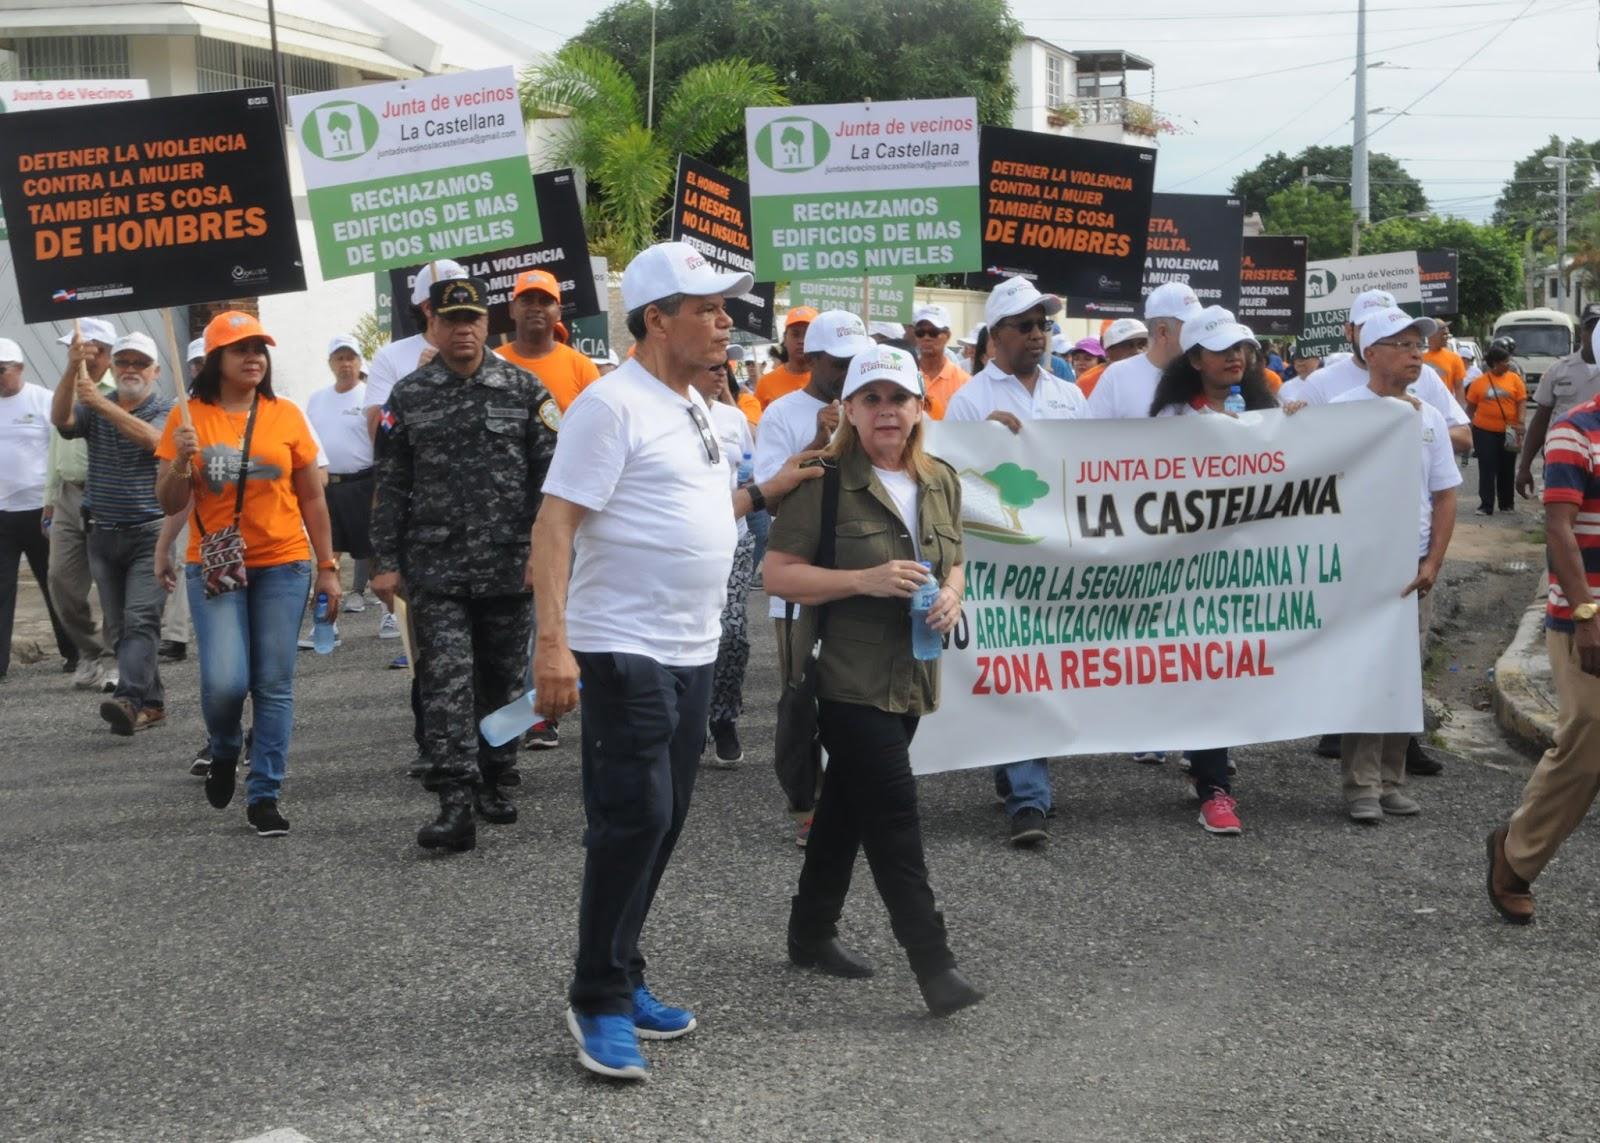 Residentes en La Castellana realizan caminata en demanda de paz y cese a la arrabalizaciòn actual que presenta este sector